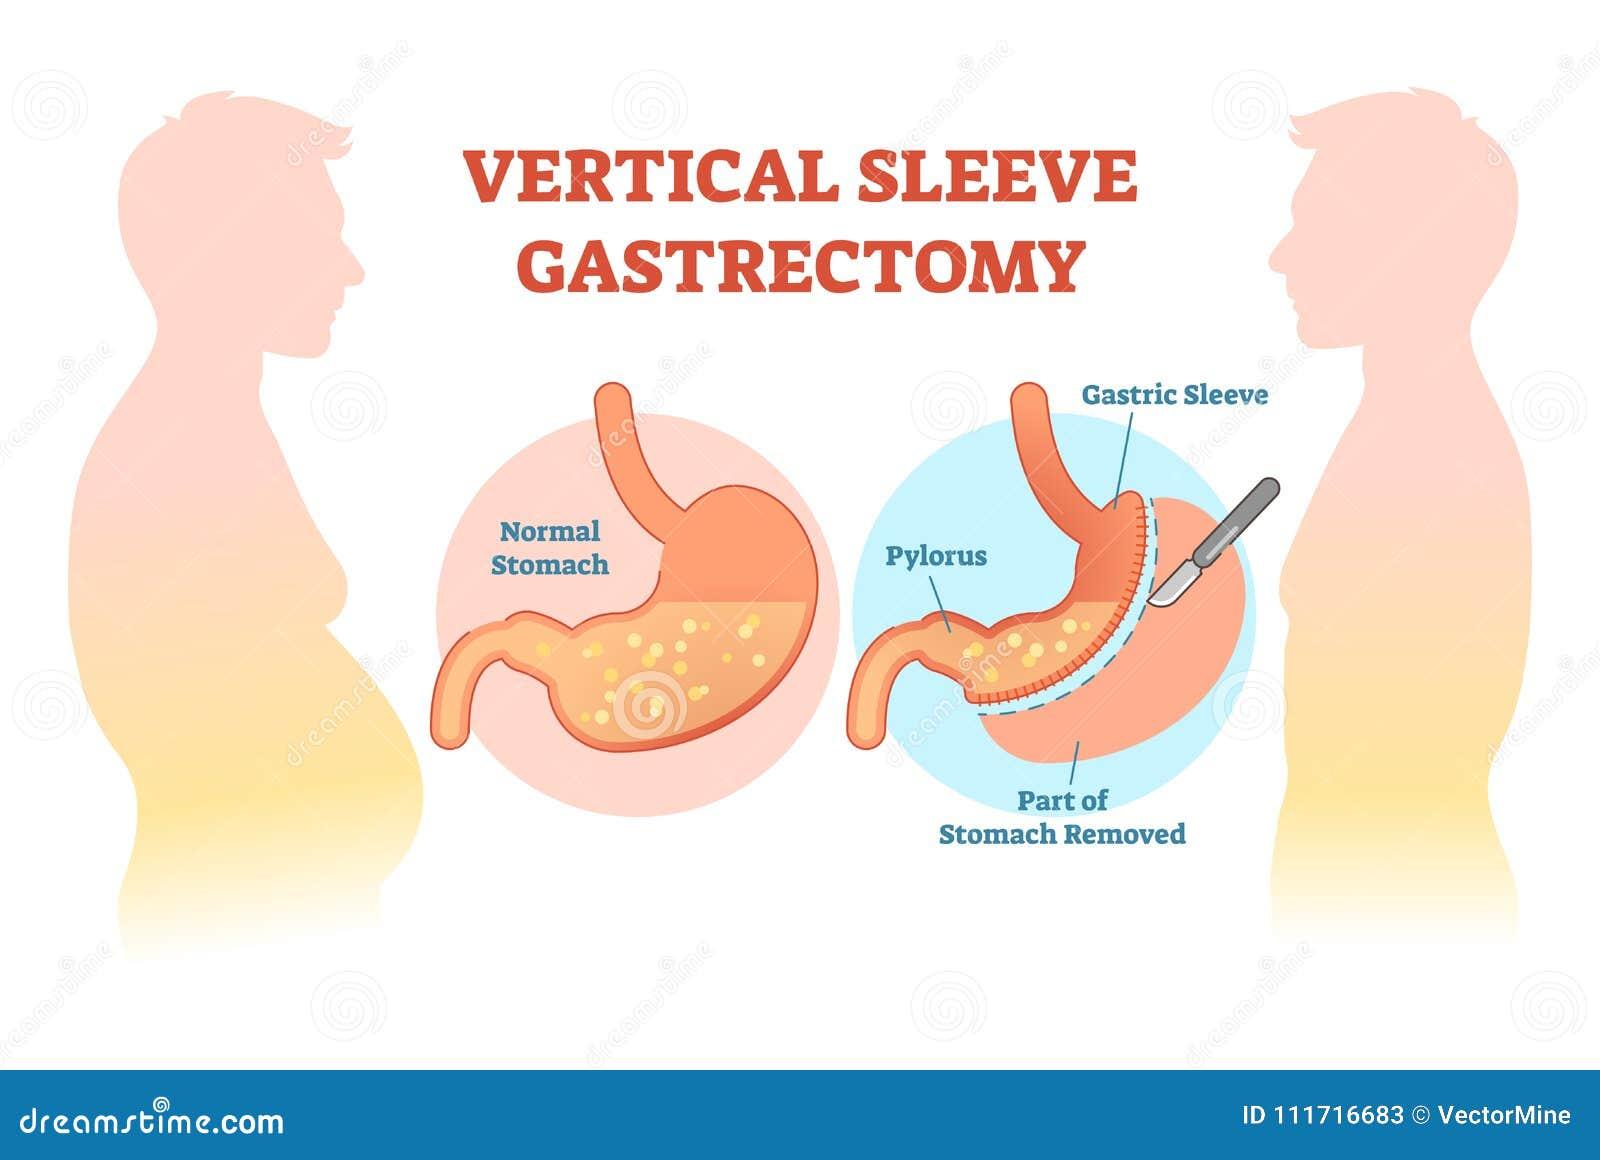 Diagrama médico da ilustração do vetor da incisão do estômago vertical da luva com corte cirúrgico do estômago